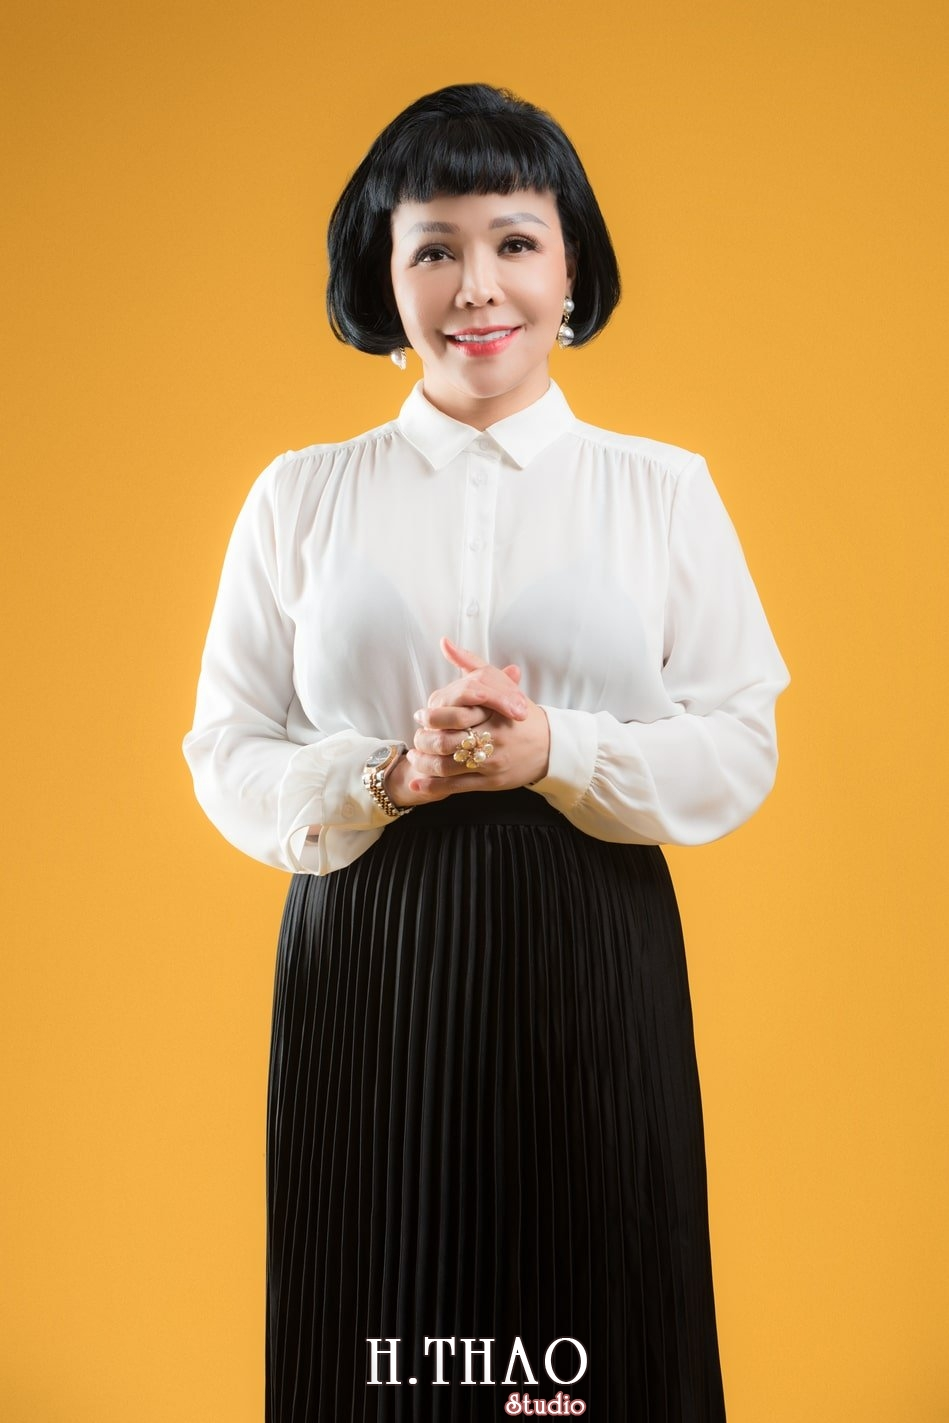 Doanh nhan dao tao 22 - Album nữ doanh nhân ngành đào tạo giải pháp Hoàng Dung